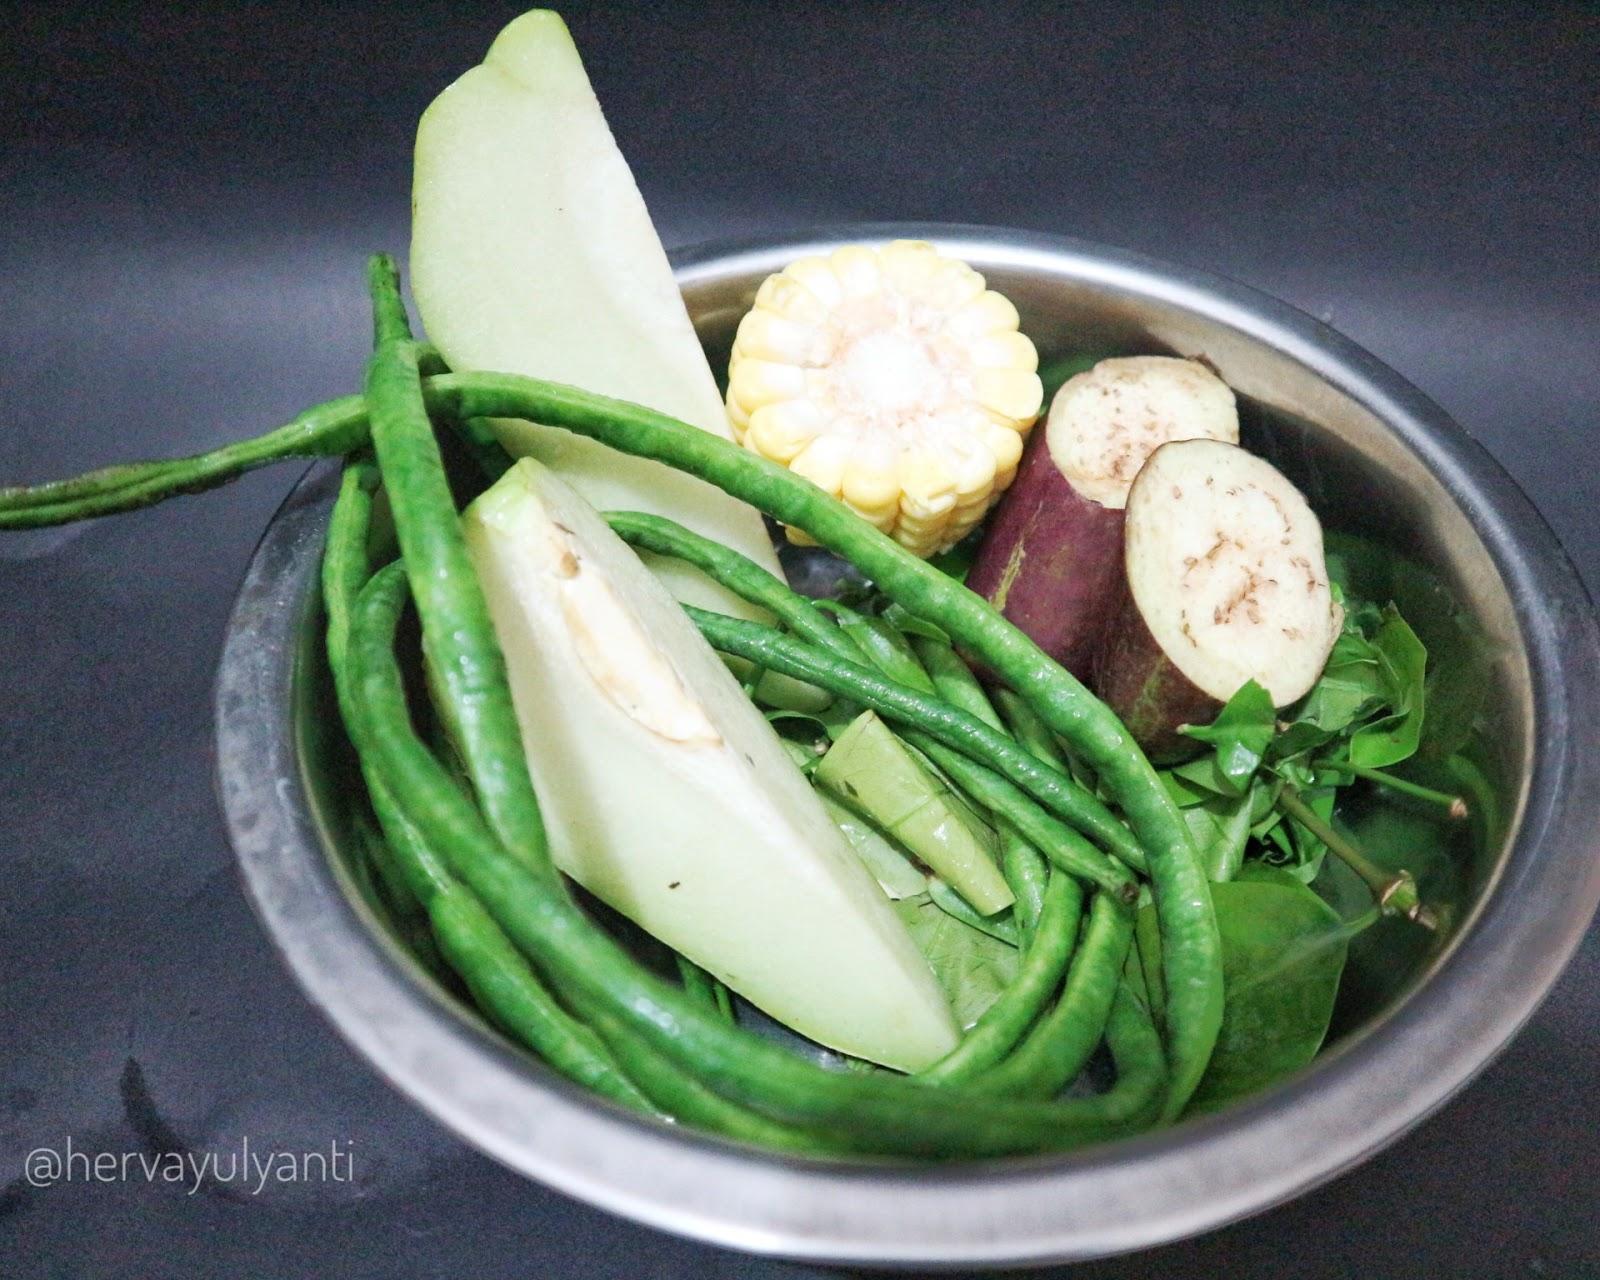 Resep Sayur Lodeh Anti Ribet Andalan Ibu Bekerja, resep sayur lodeh praktis tanpa ngulek, resep sayur lodeh ga pake belender, resep sayur lodeh buat pemula